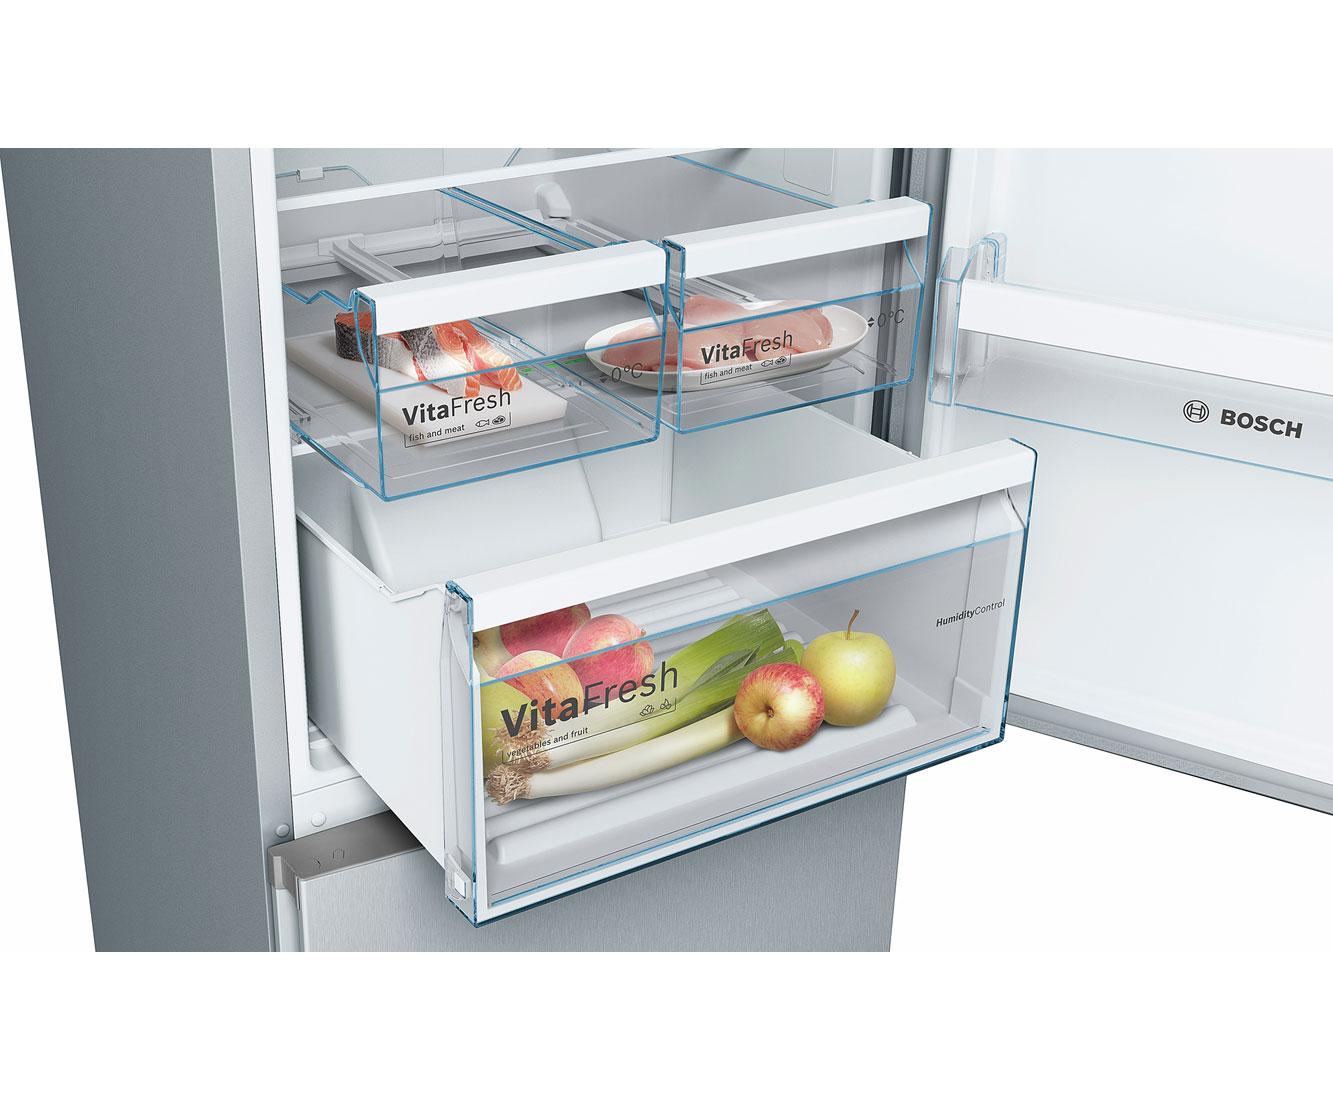 Bosch Kühlschrank Macht Geräusche : Bosch side by side kühlschrank macht geräusche: side by side